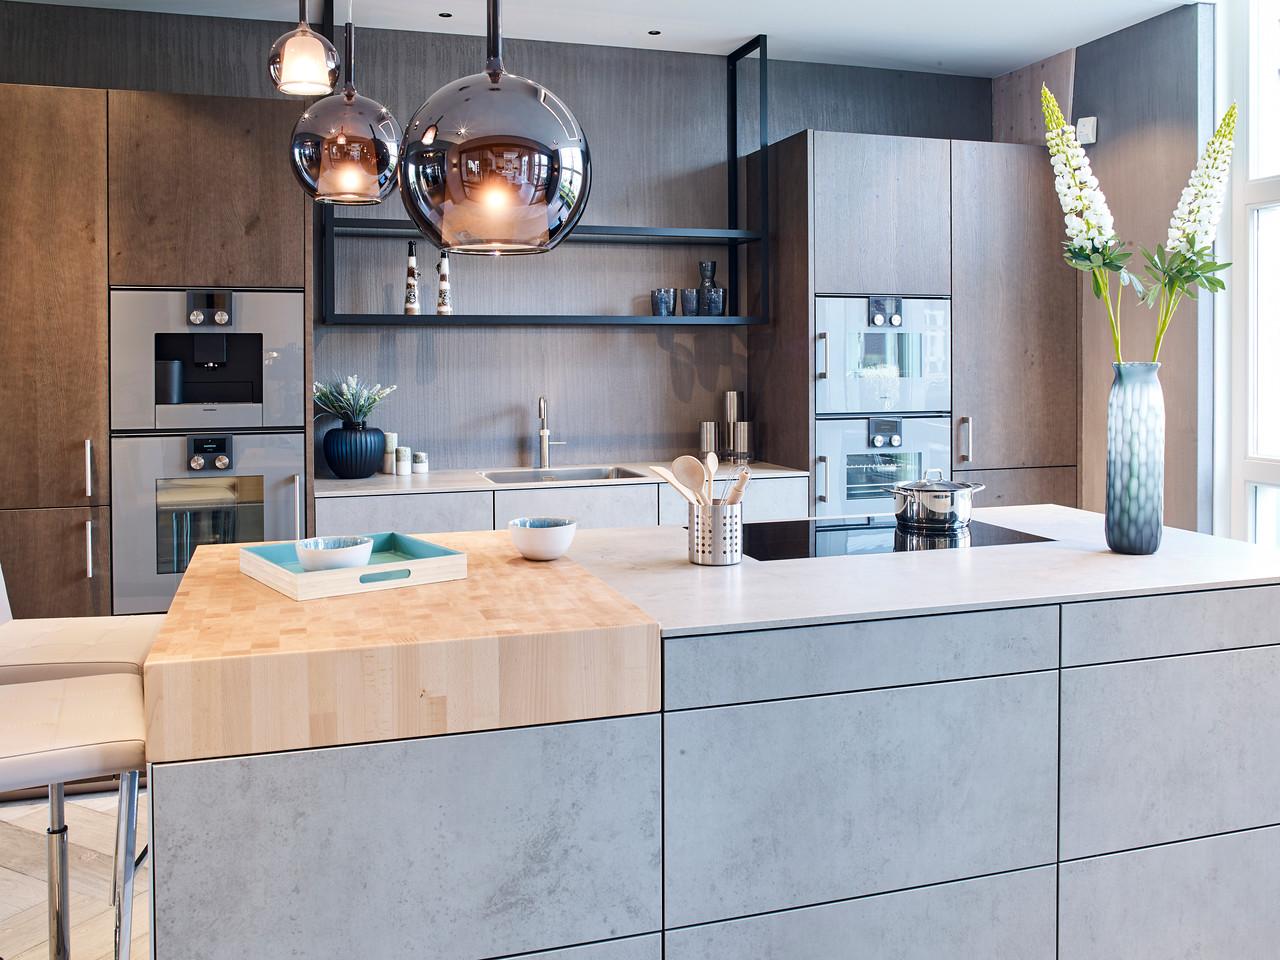 Designkeuken met betonlook en houten hakblok. next125 keuken NX950 NX620 via Tieleman keukens #next125 #keuken #tielemankeukens